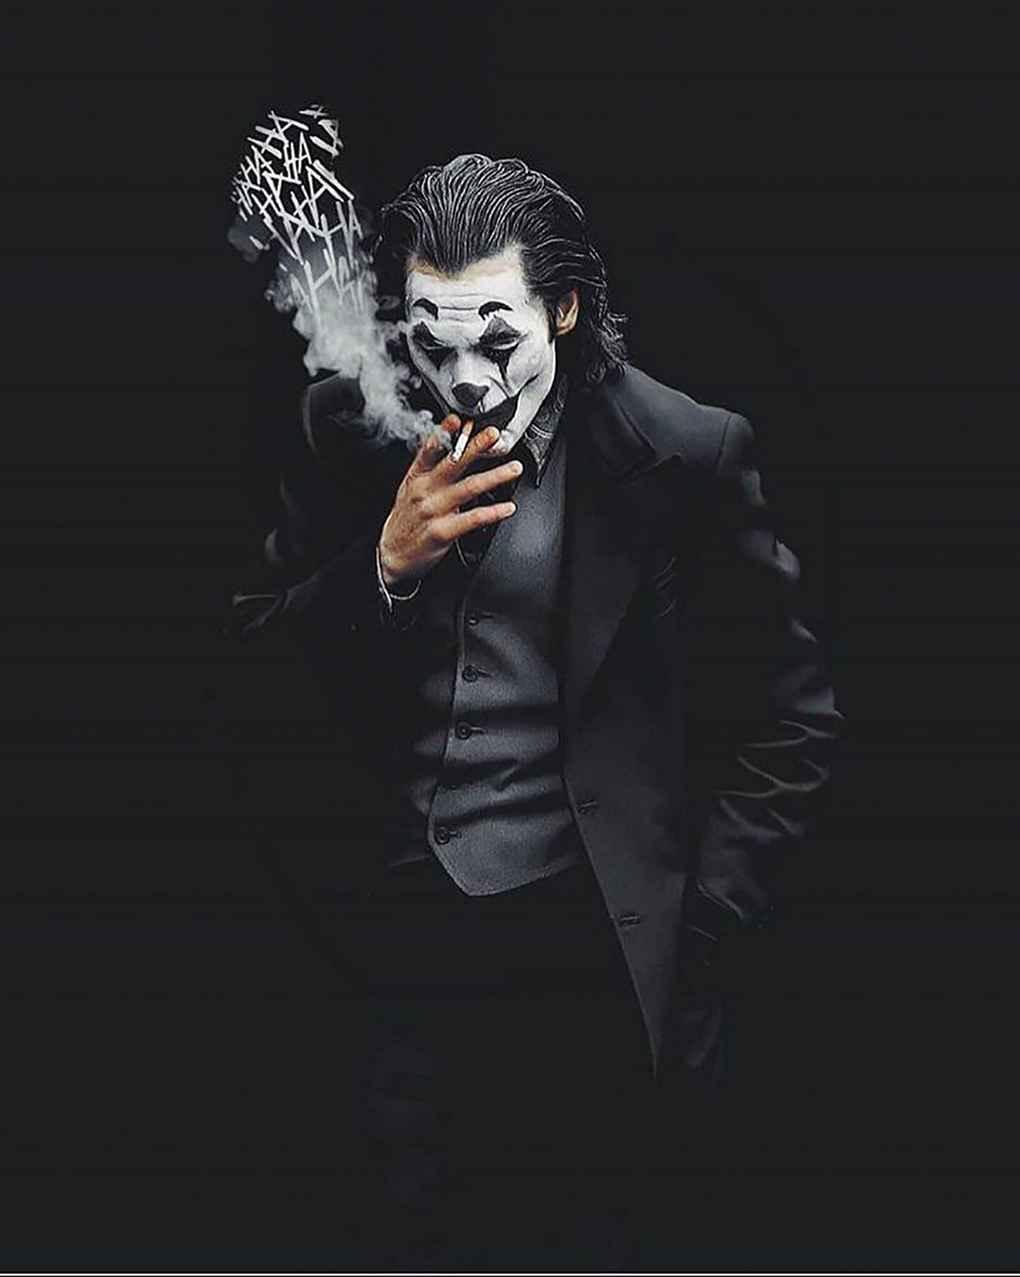 عکس سیگار جی وان سولو , عکس سیگار بهمن دولی , پروفایل سیگار بهمن